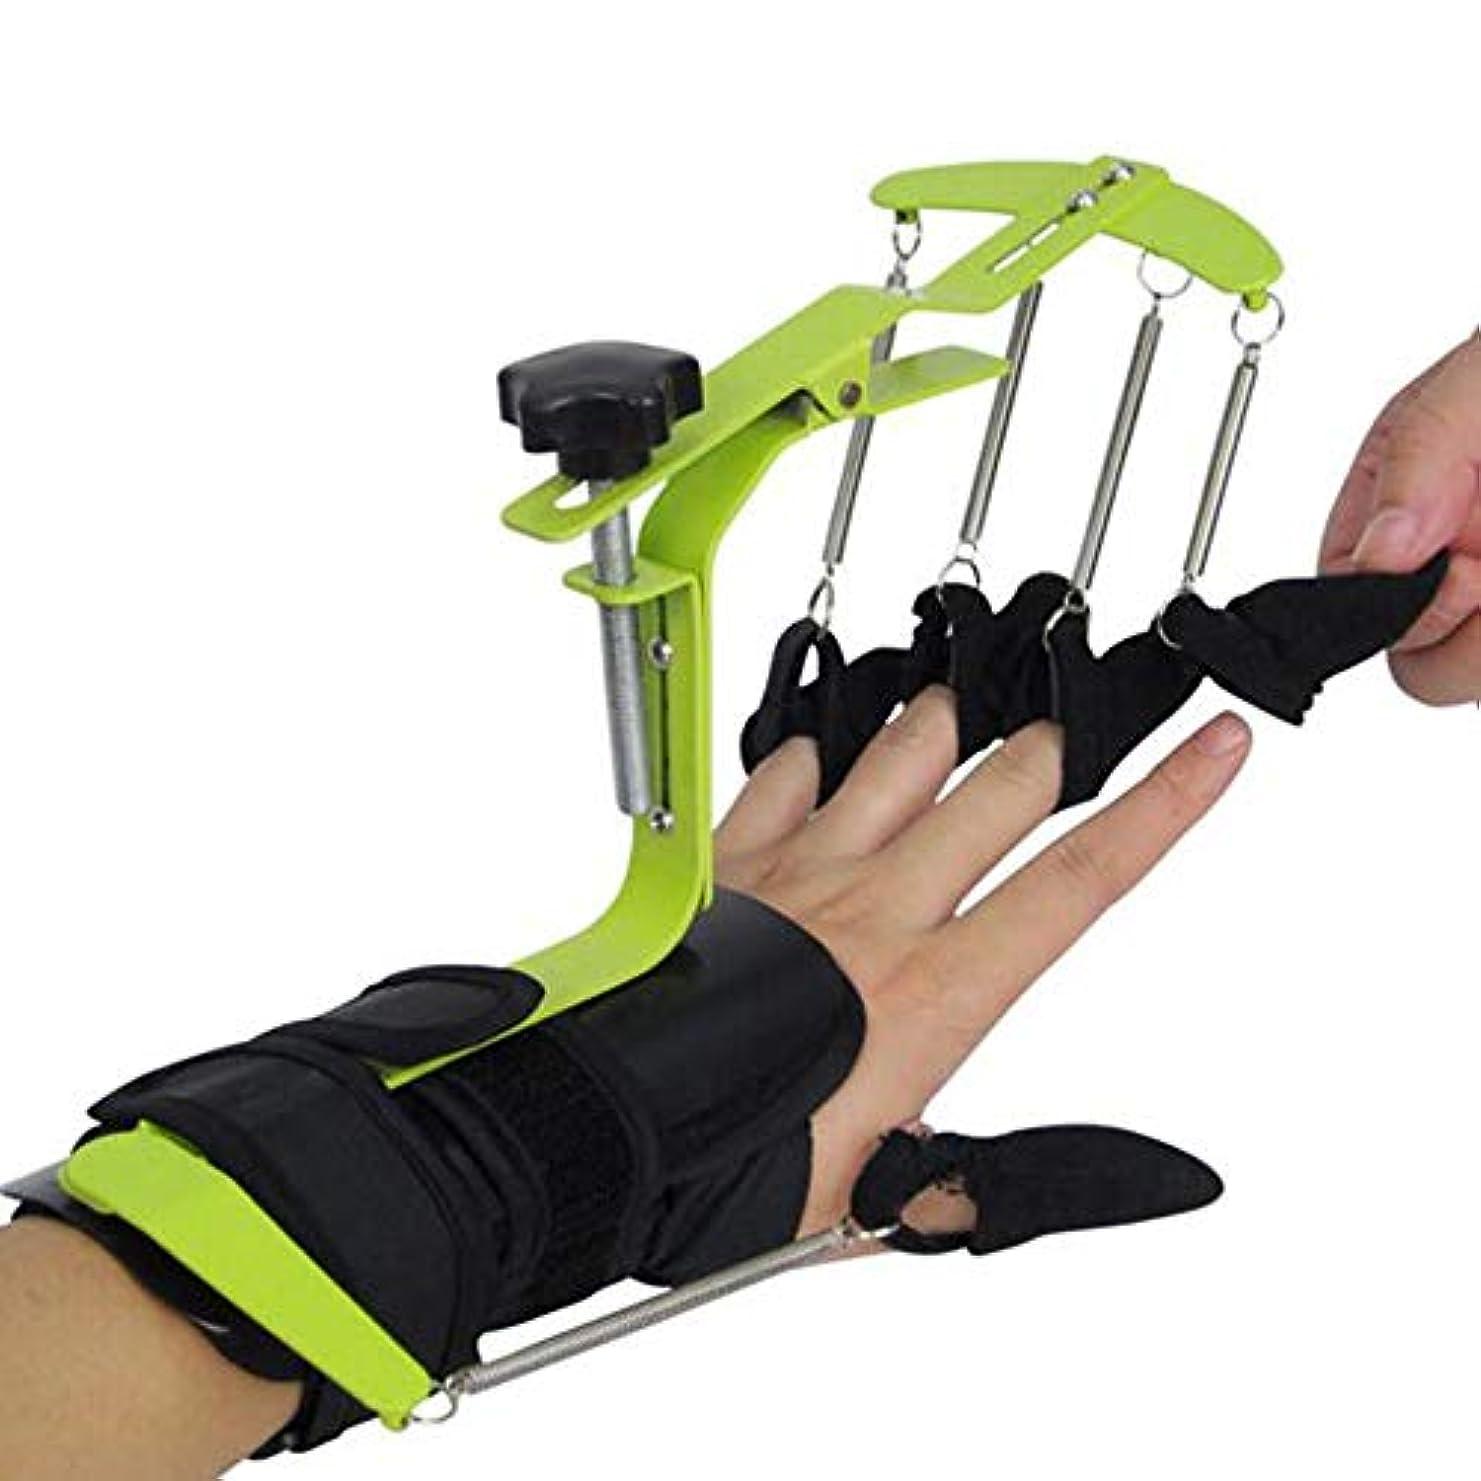 合法不誠実死ぬ片麻痺性脳性麻痺リハビリテーションのために機能する指の訓練装置訓練装置ブレースボード別々の親指手首ブレース手